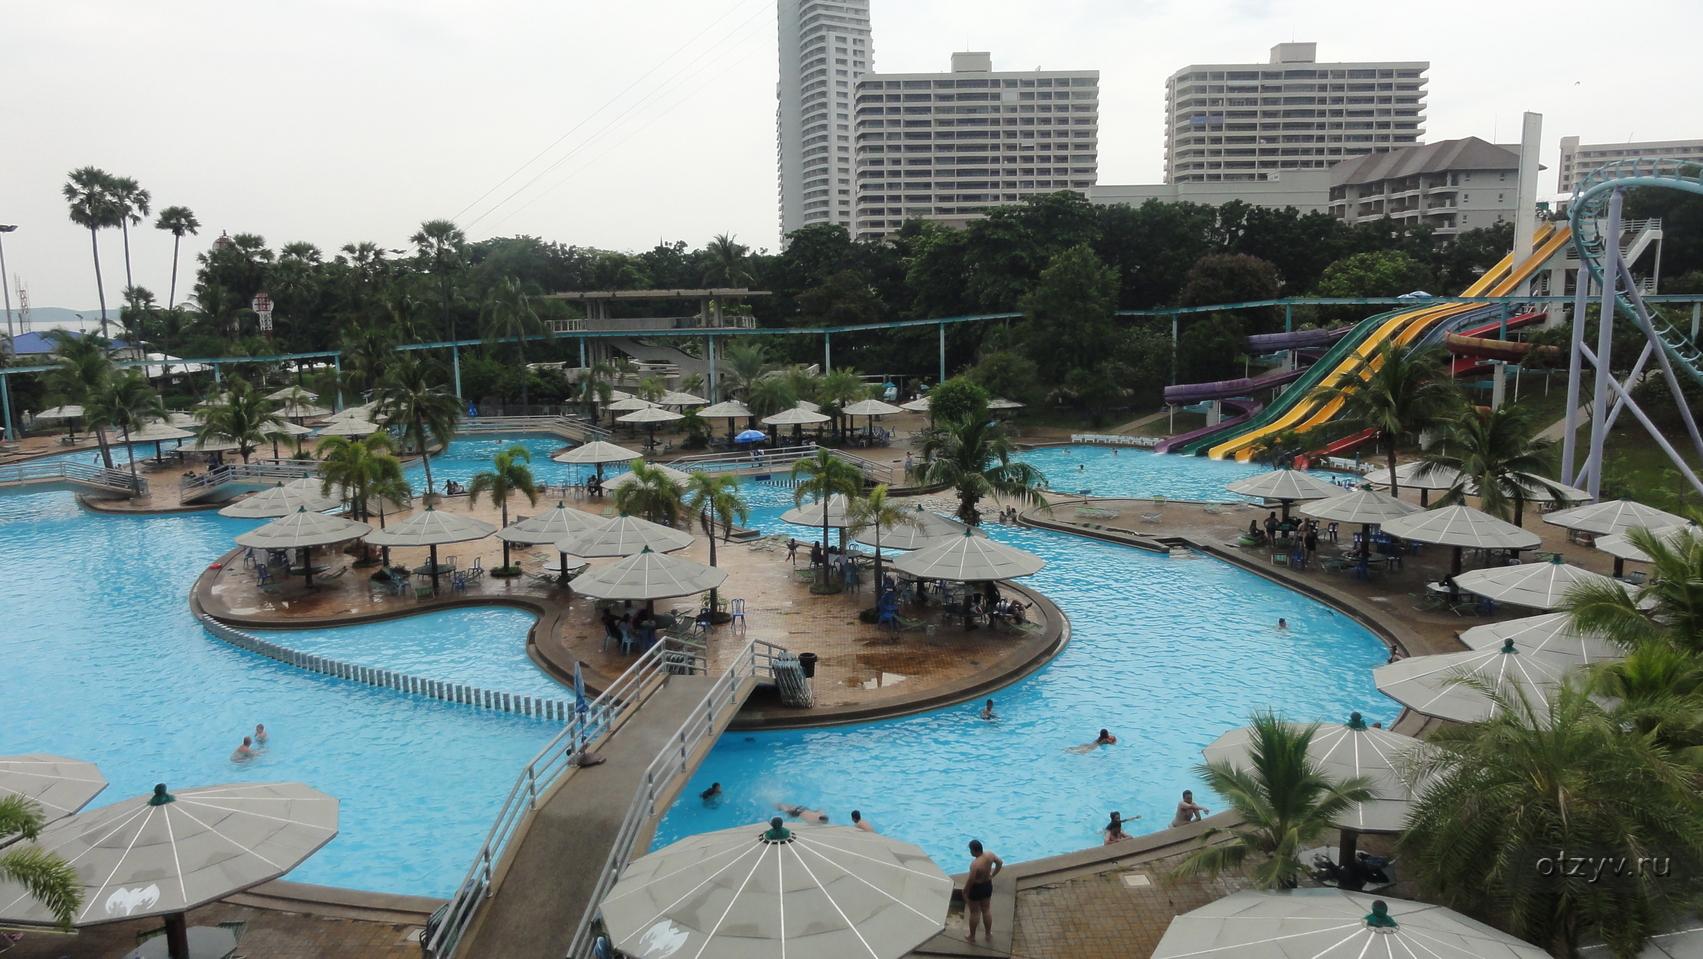 отель паттайя парк в паттайе фото отзывы можете